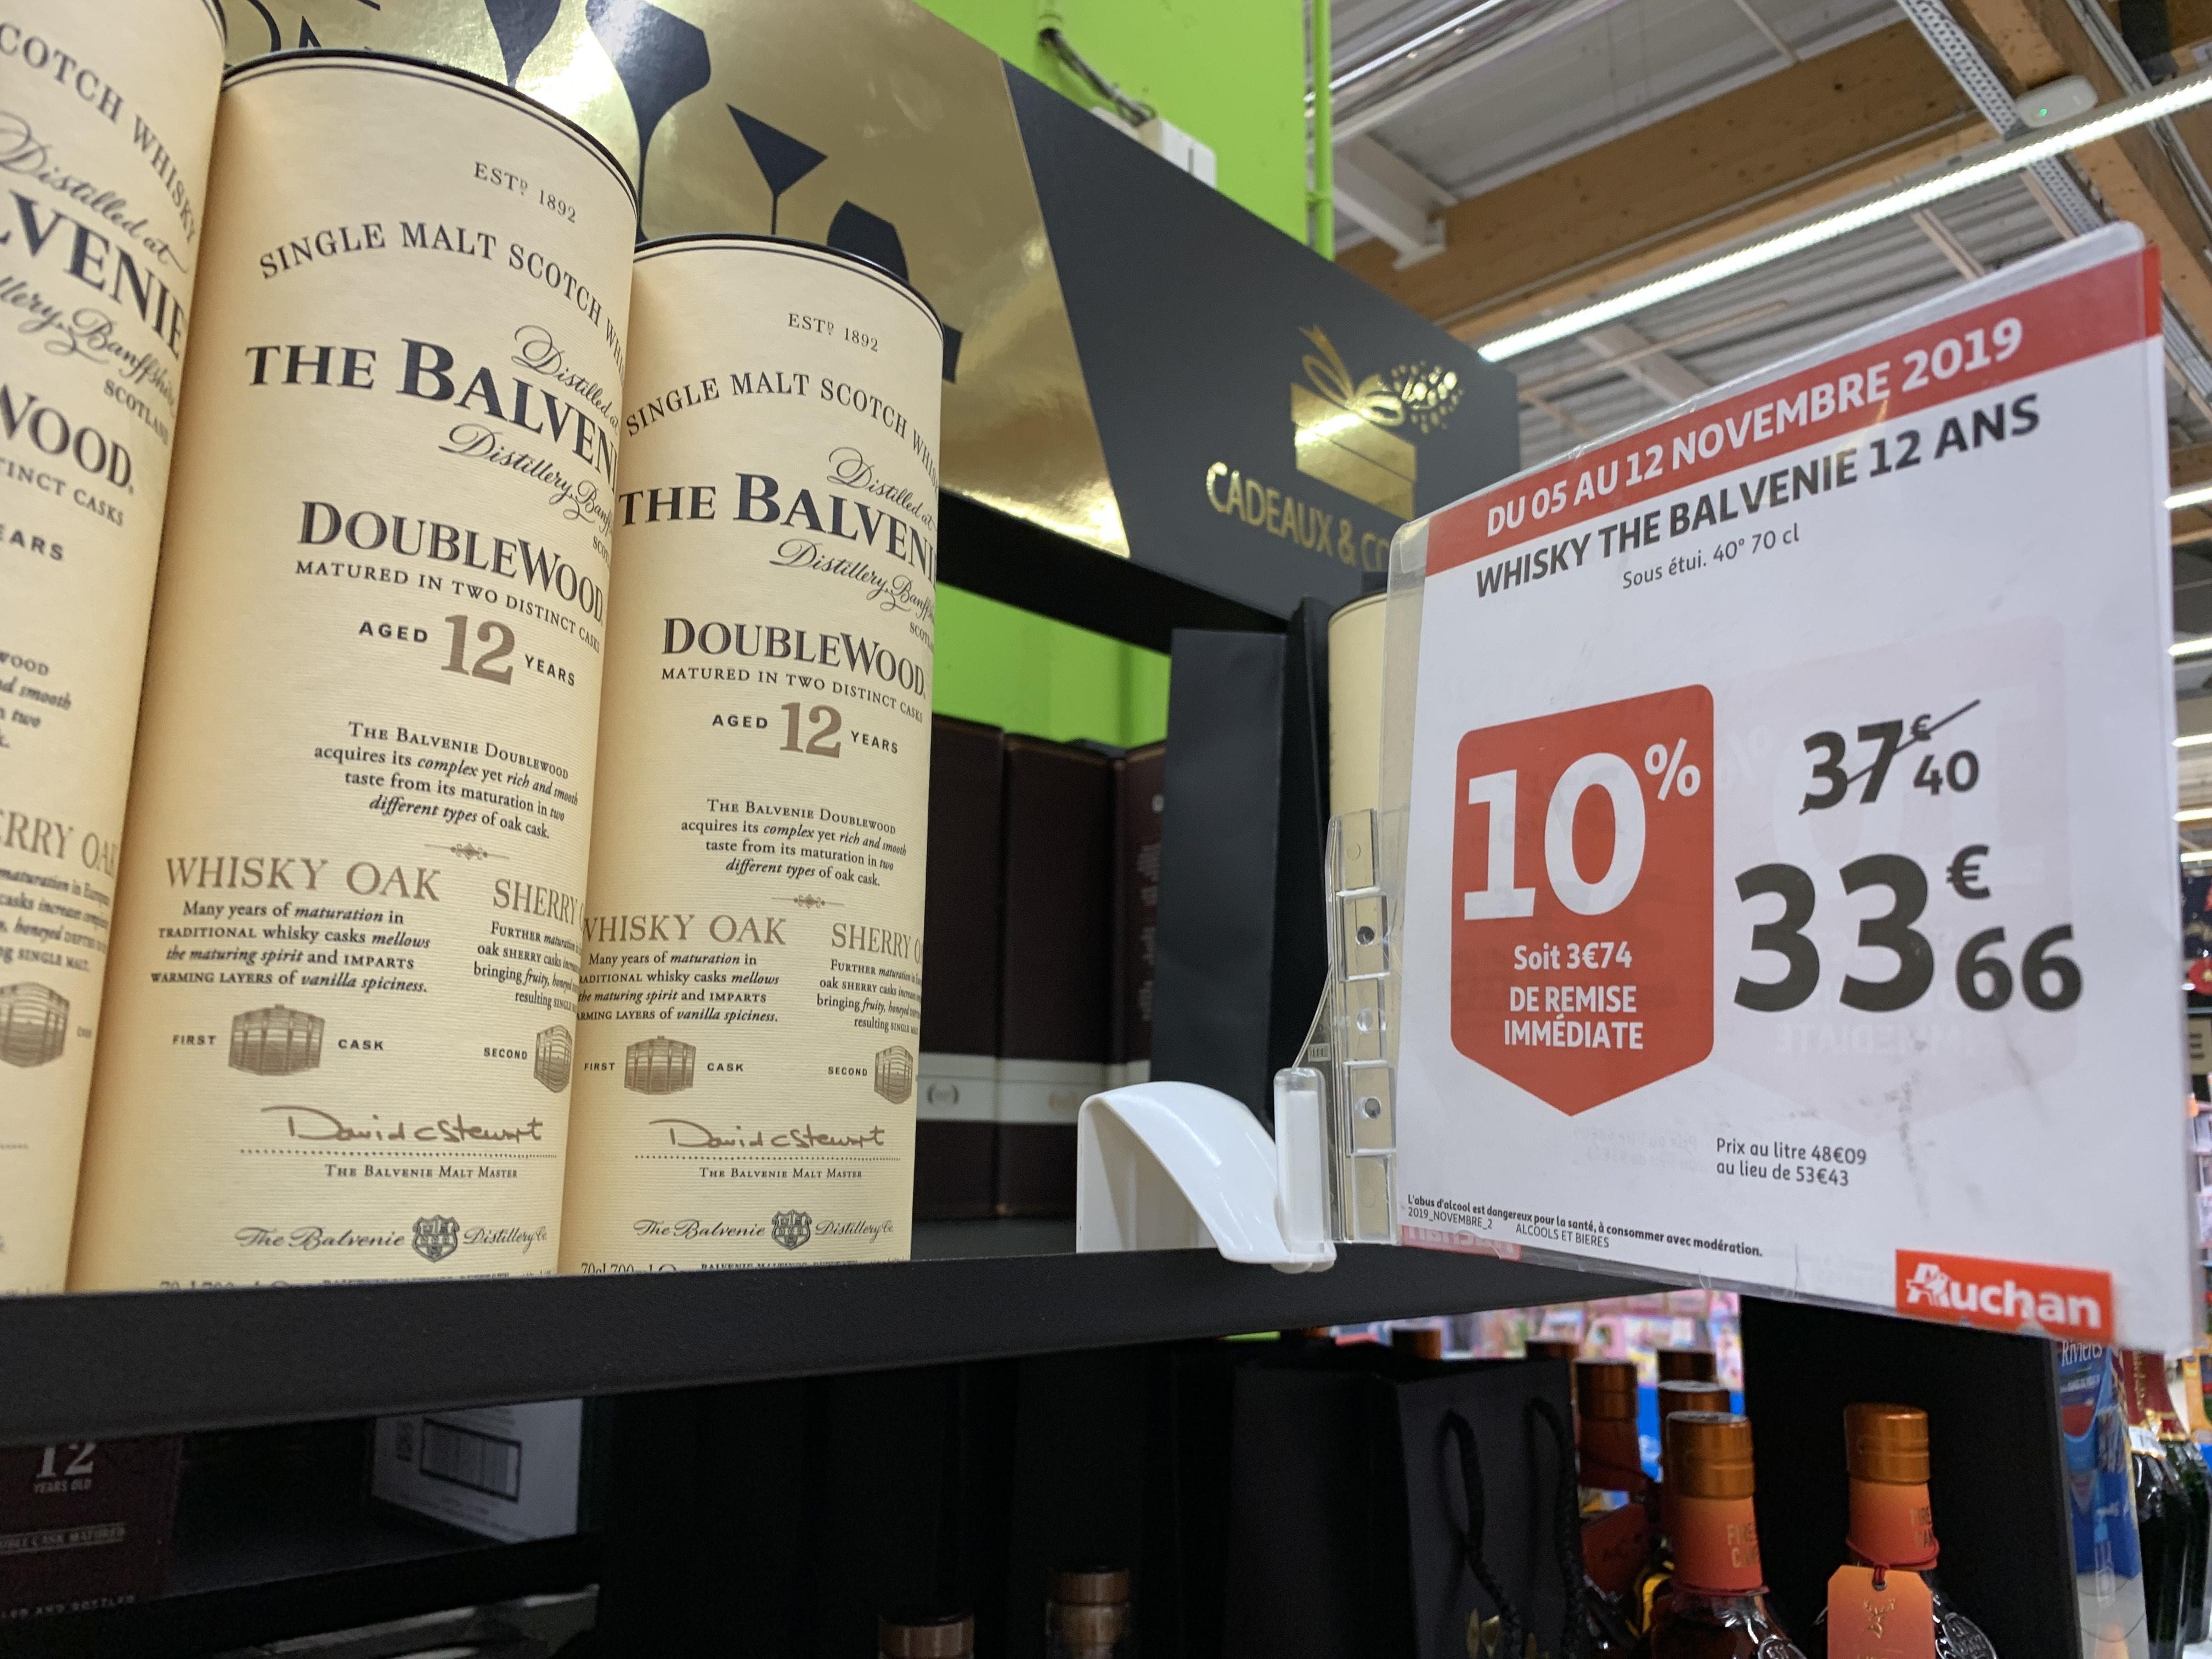 Bouteille de Whisky Balvenie 12 ans DoubleWood